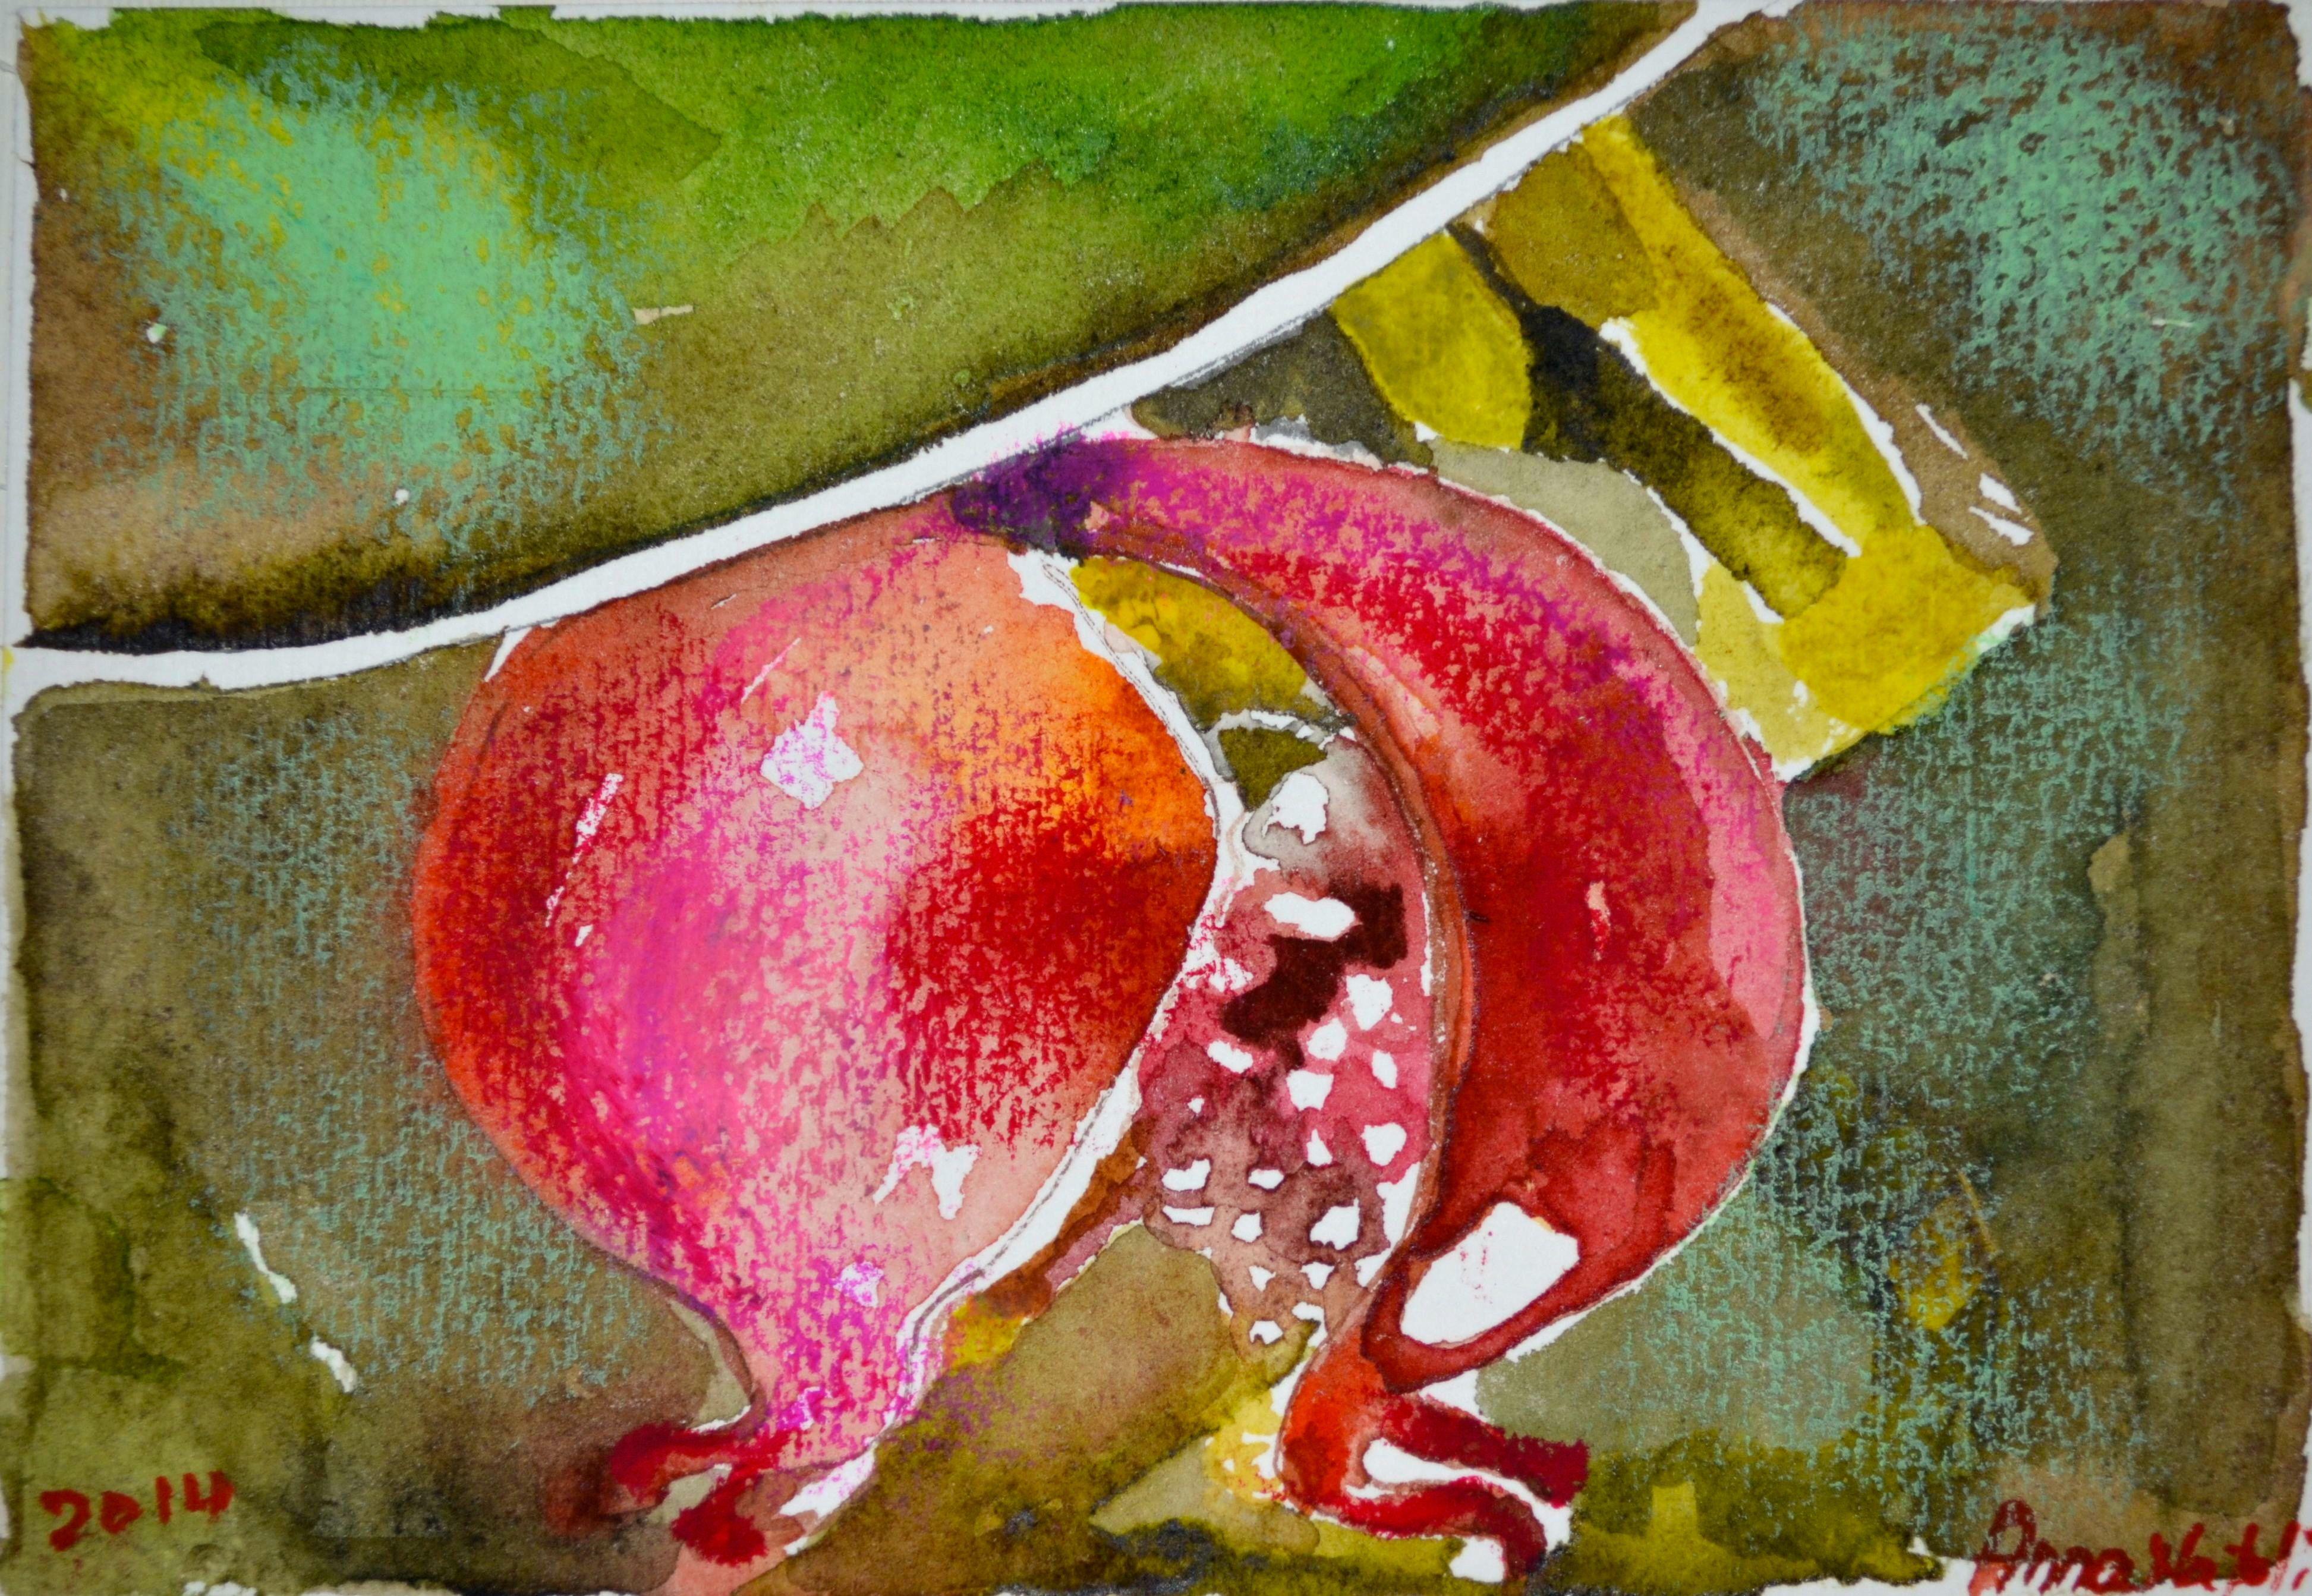 Pomegranate Open